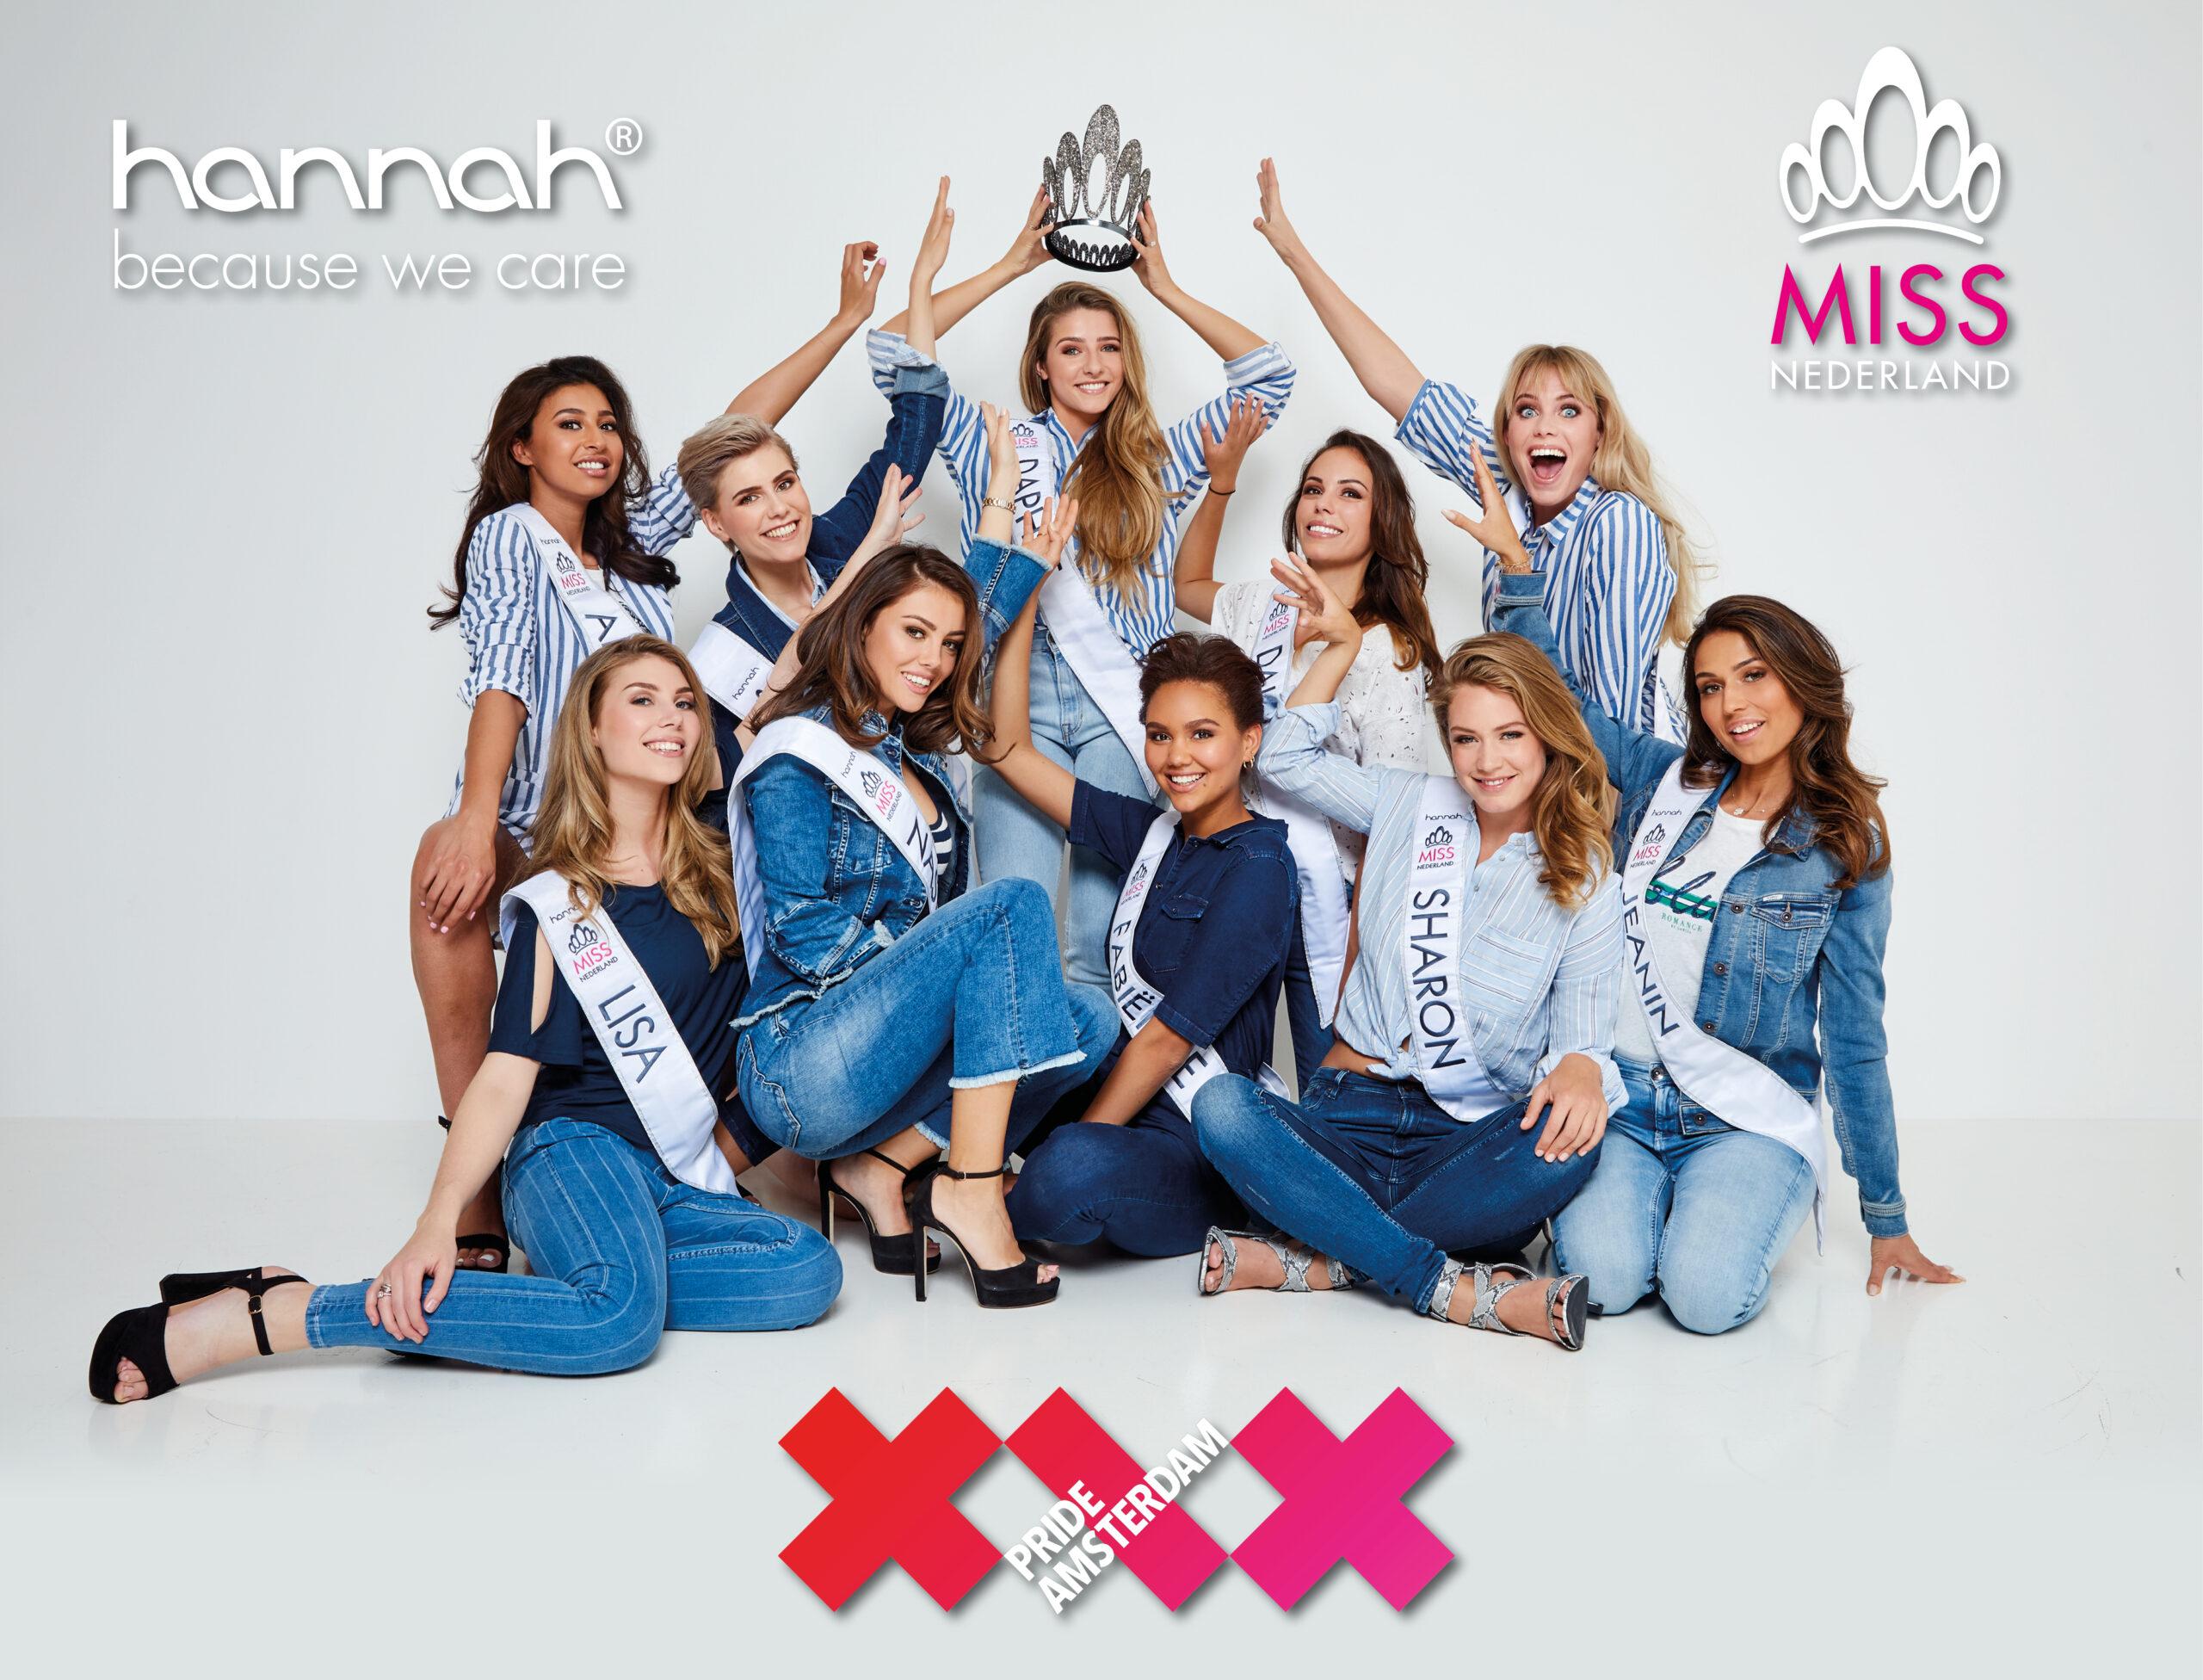 Miss Nederland vaart dankzij hoofdsponsor hannah mee tijdens Canal Parade